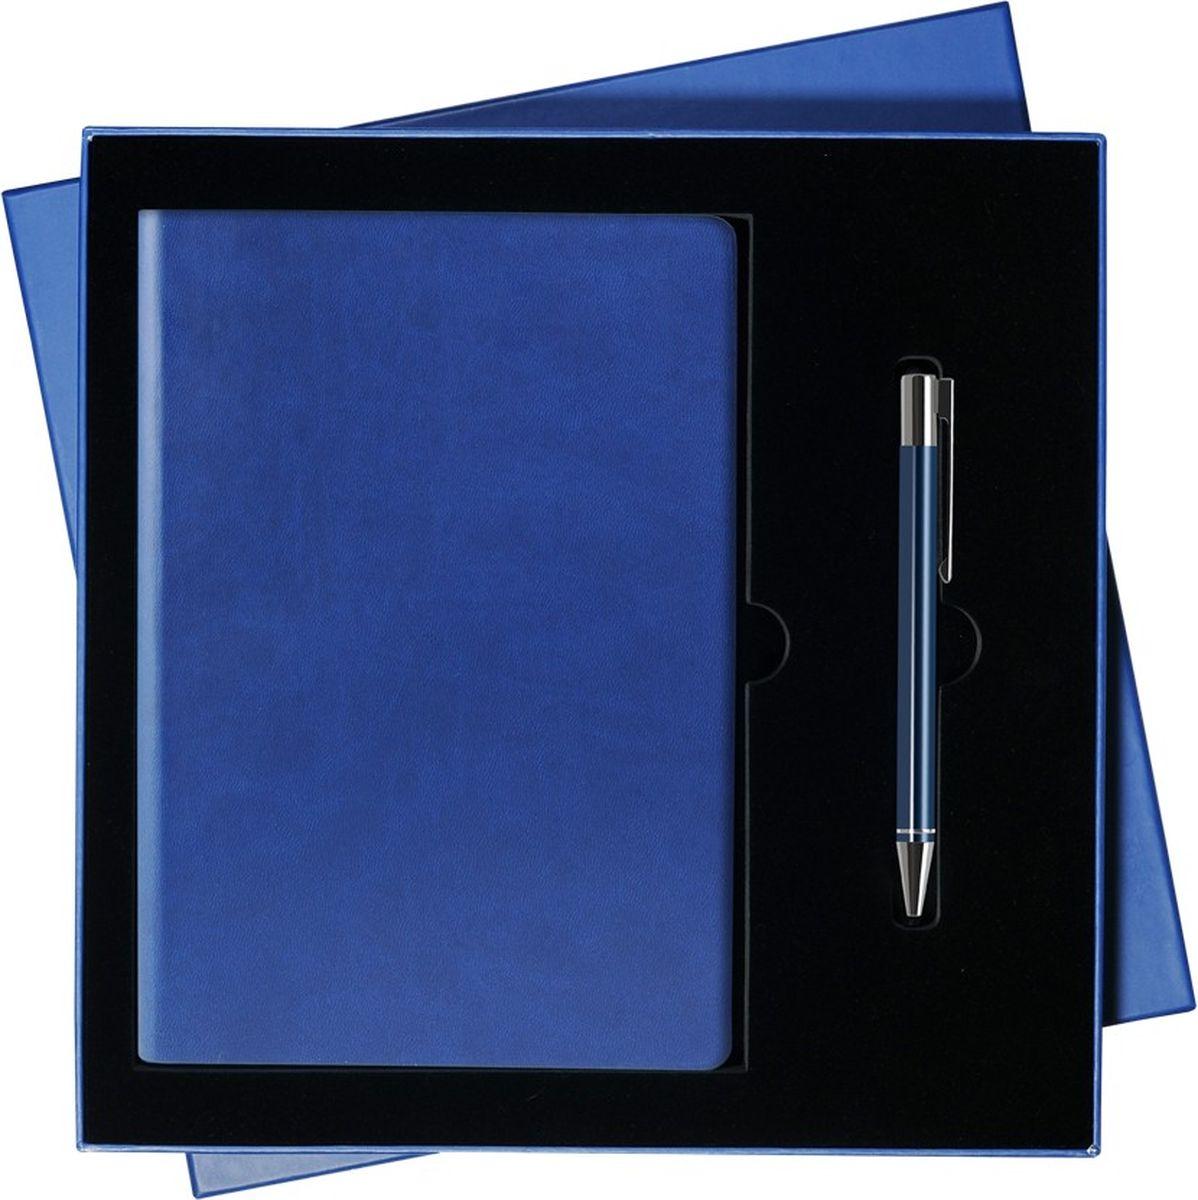 Portobello Trend Подарочный набор Latte GS-092-24GS-092-24-BLUE-LATTEВ набор входят: - недатированный ежедневник формата A5 (содержит 256 страниц); - шариковая ручка Regatta с алюминиевым корпусом (отделка - хромированные детали).